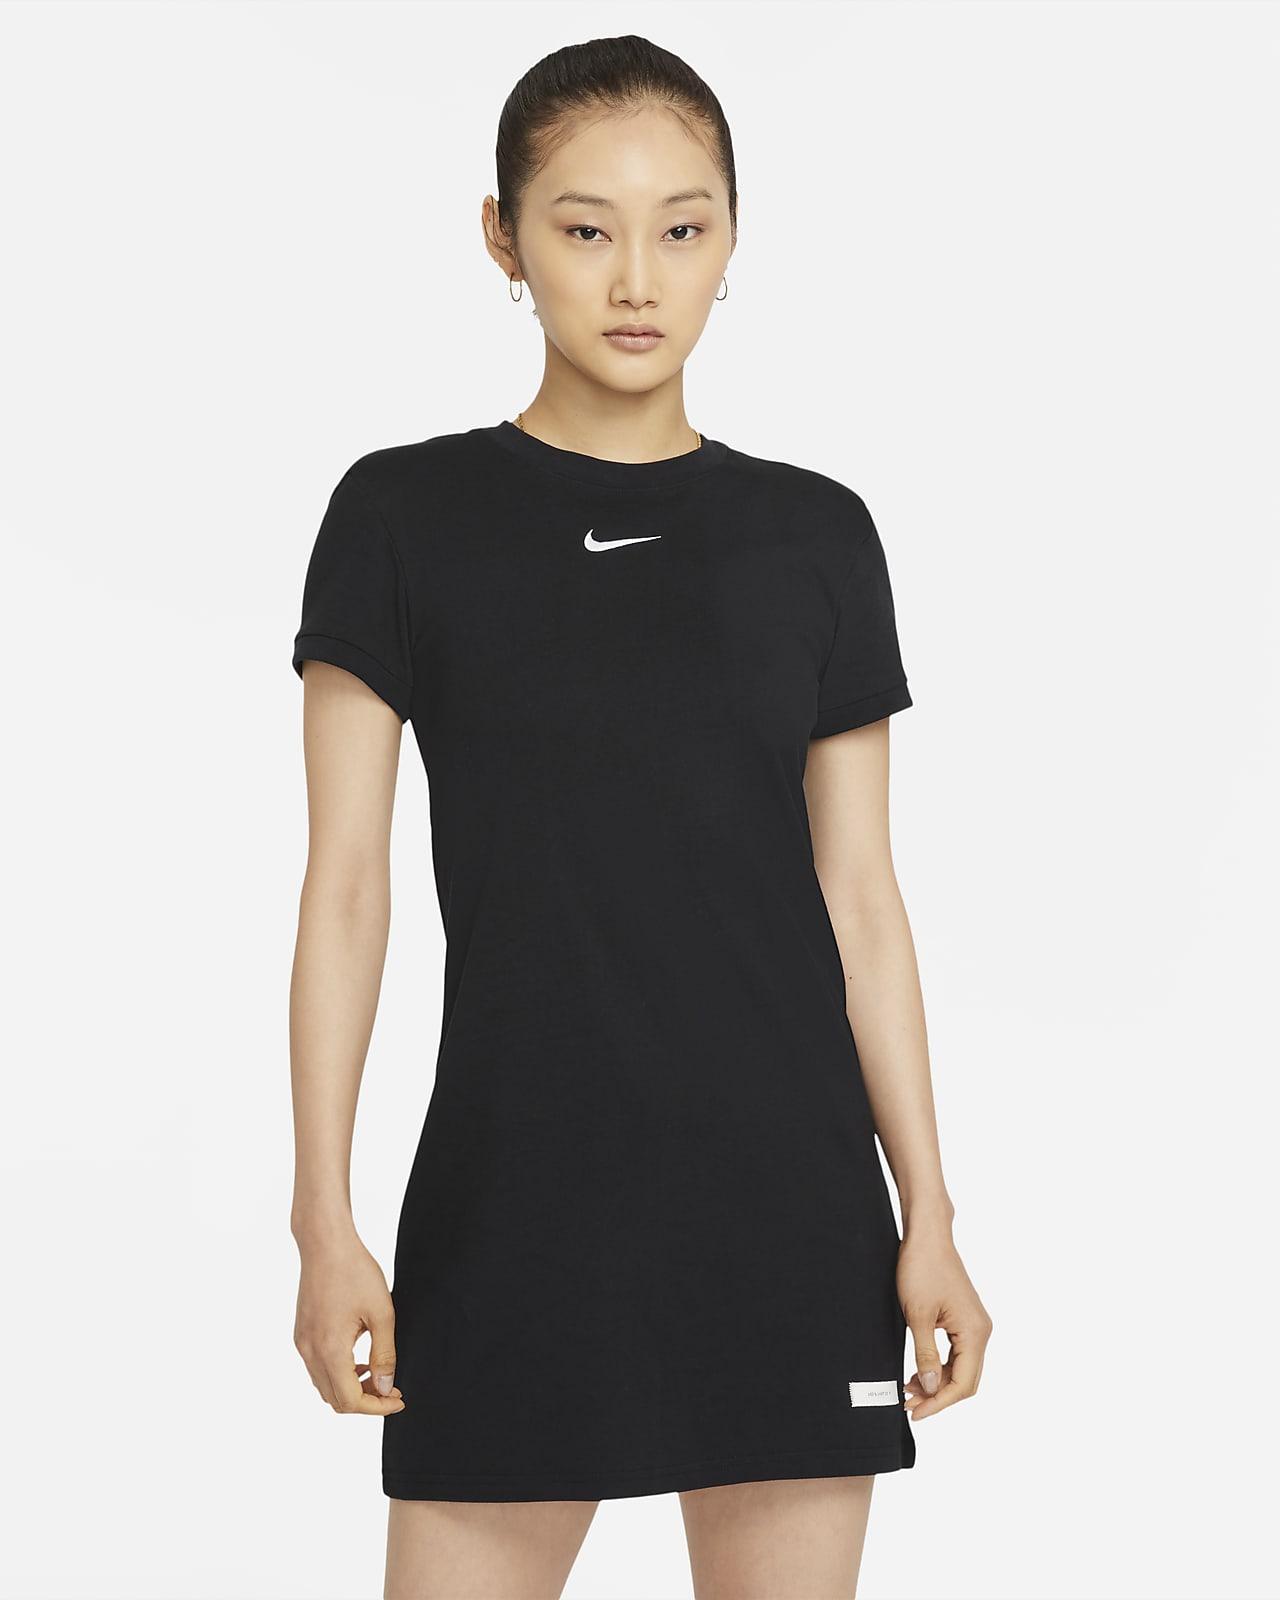 เดรสแขนสั้นผู้หญิง Nike Sportswear Icon Clash